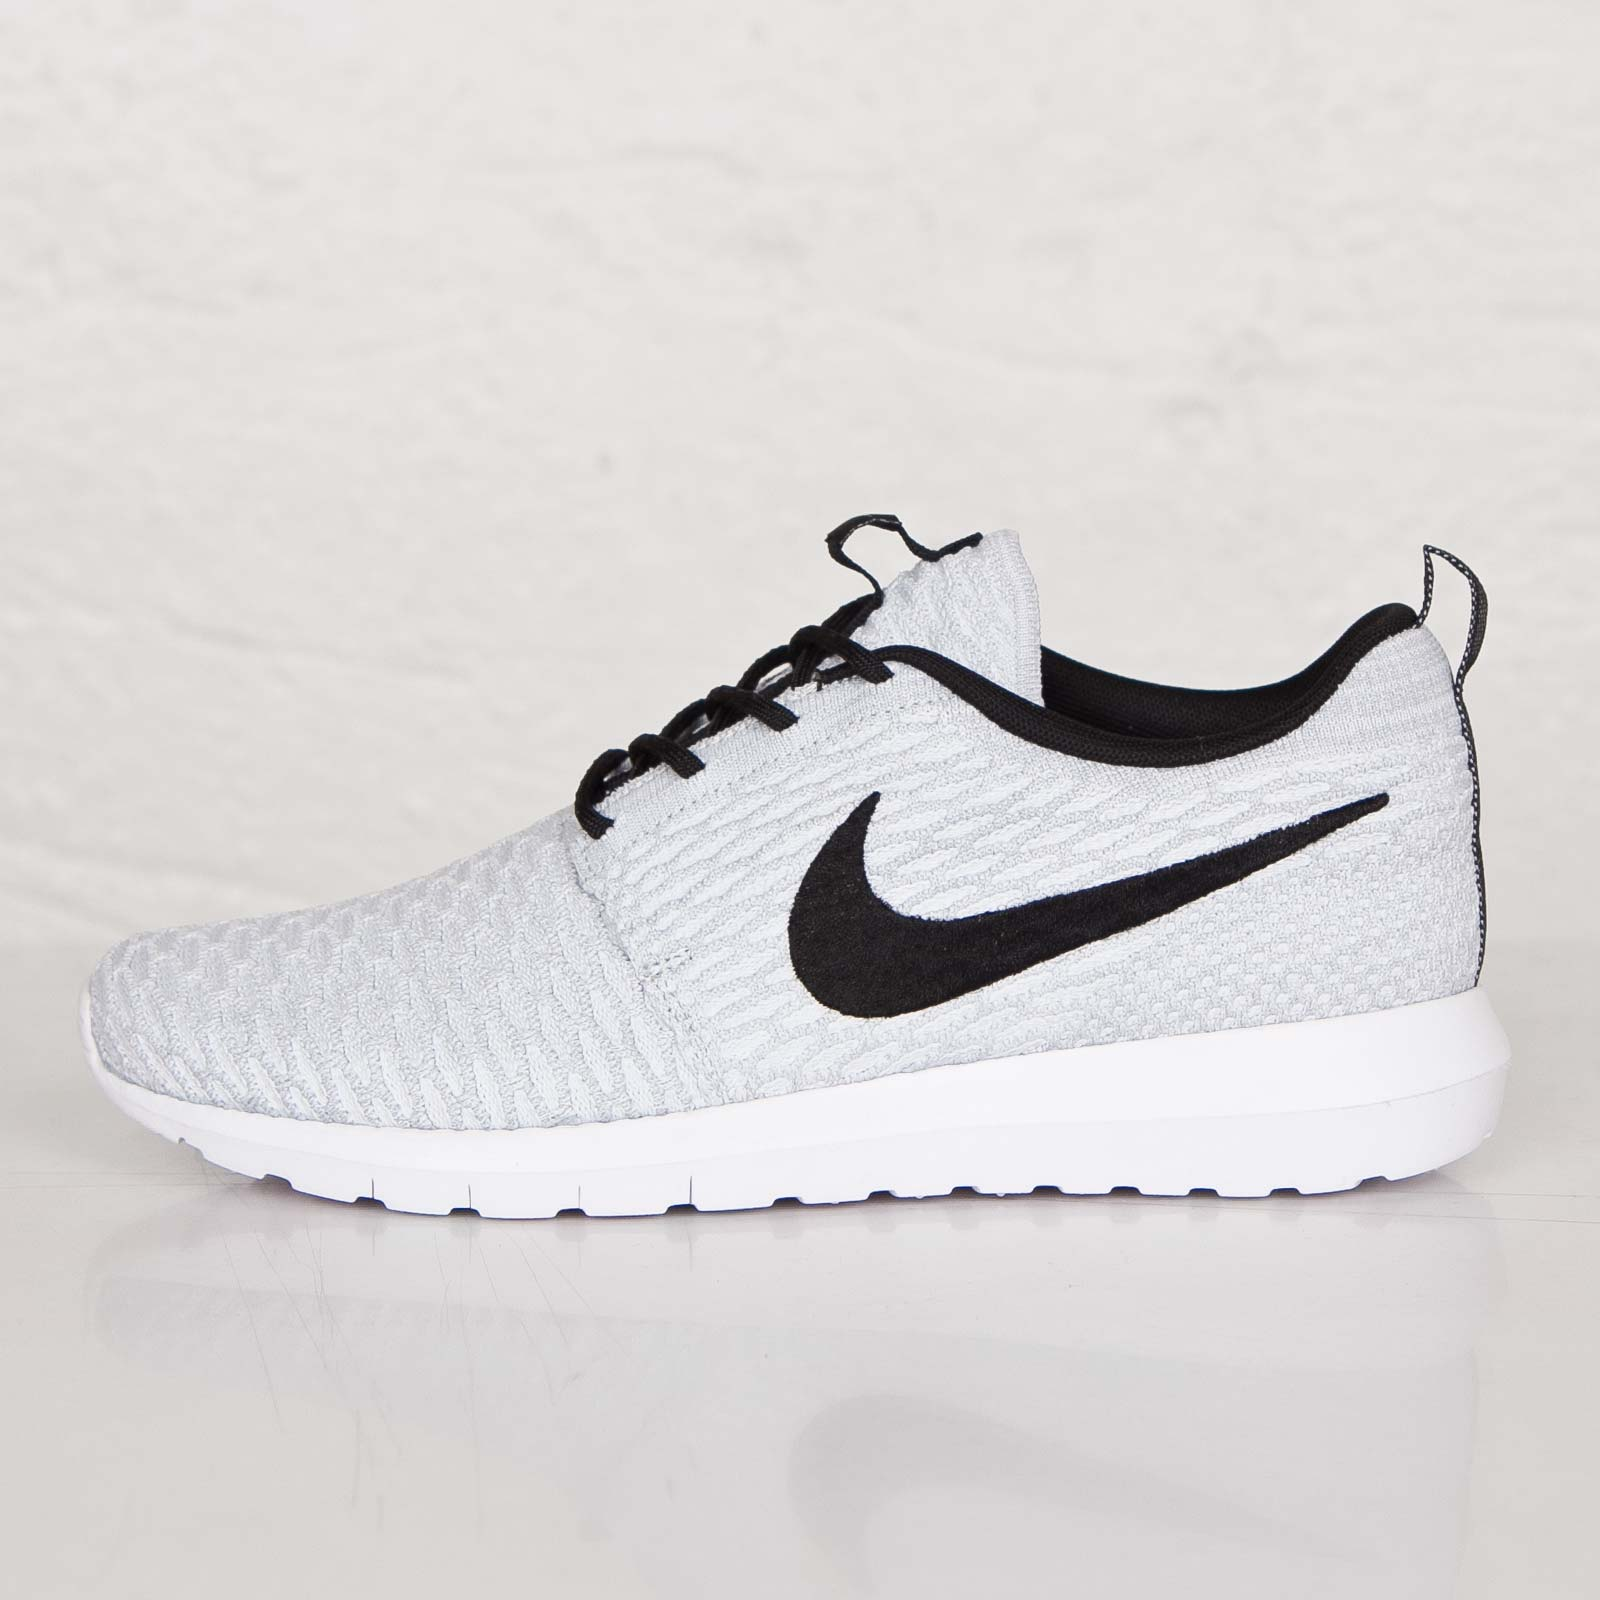 eb67e64cf198 Nike Roshe NM Flyknit - 677243-101 - Sneakersnstuff